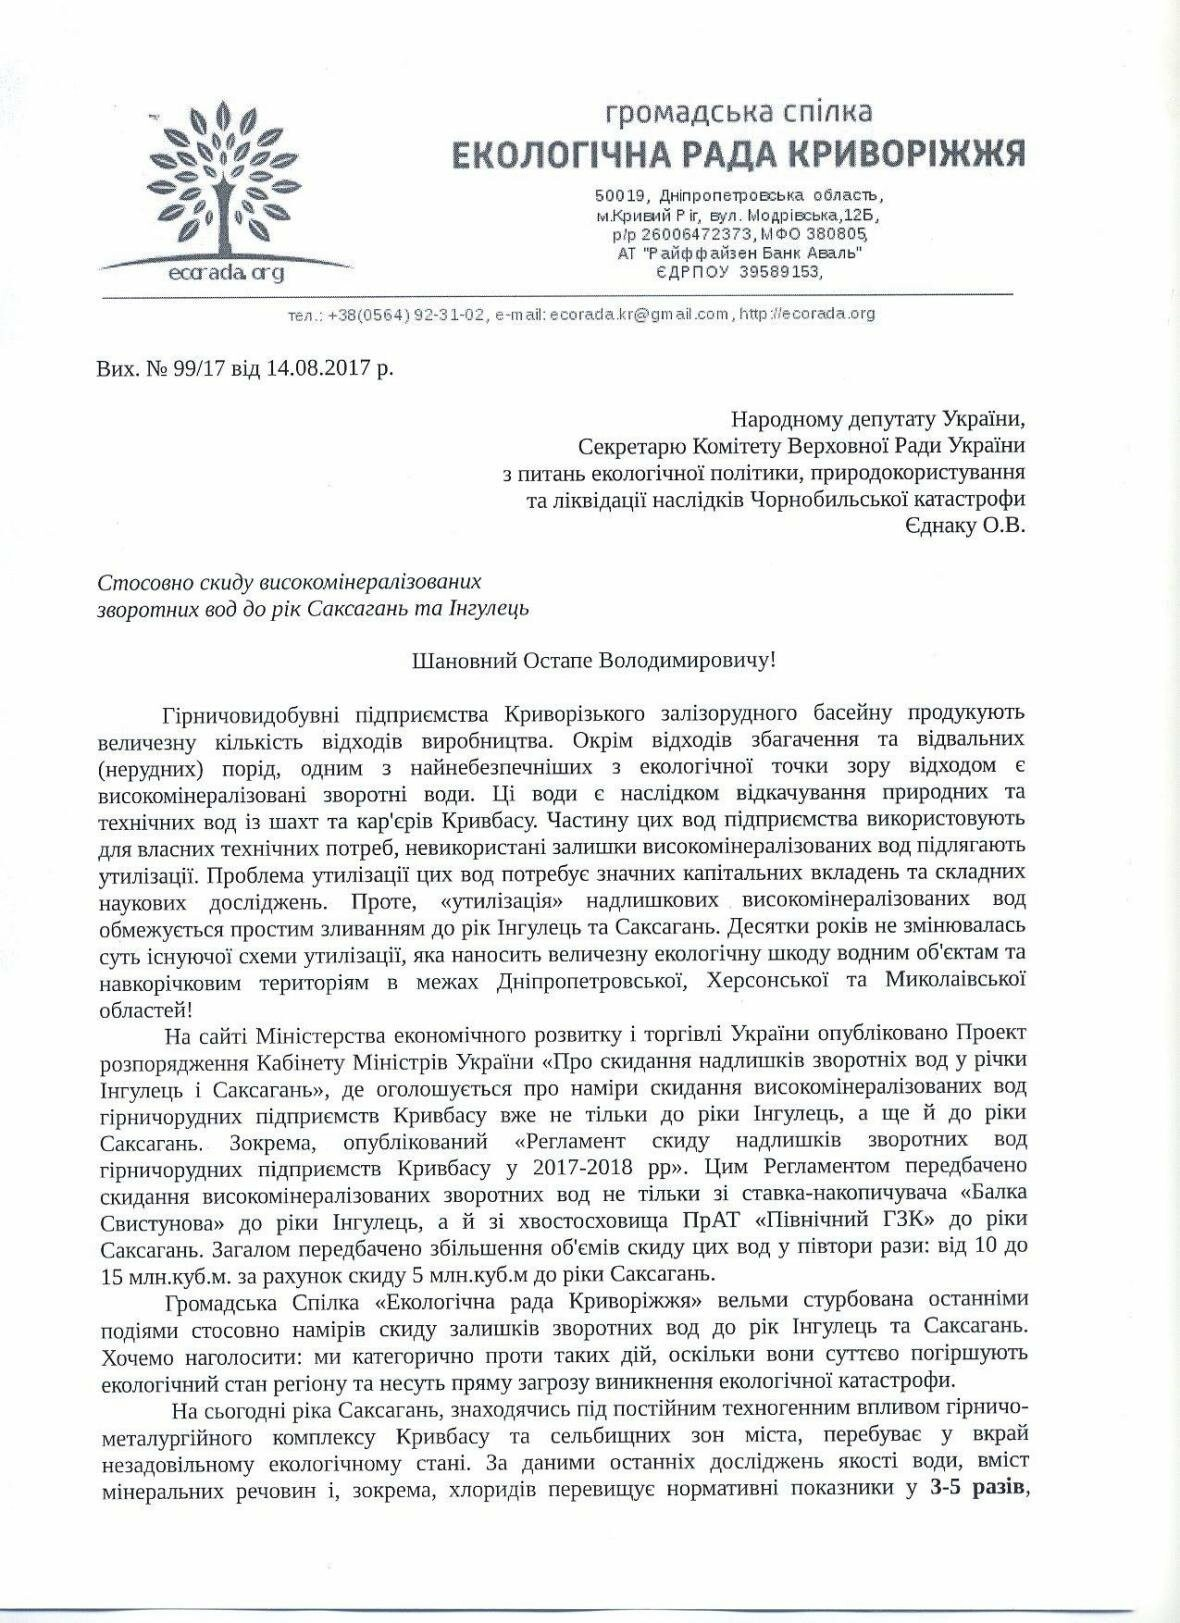 Криворожские экологи просят нардепов спасти Саксагань и город (ДОКУМЕНТ), фото-1